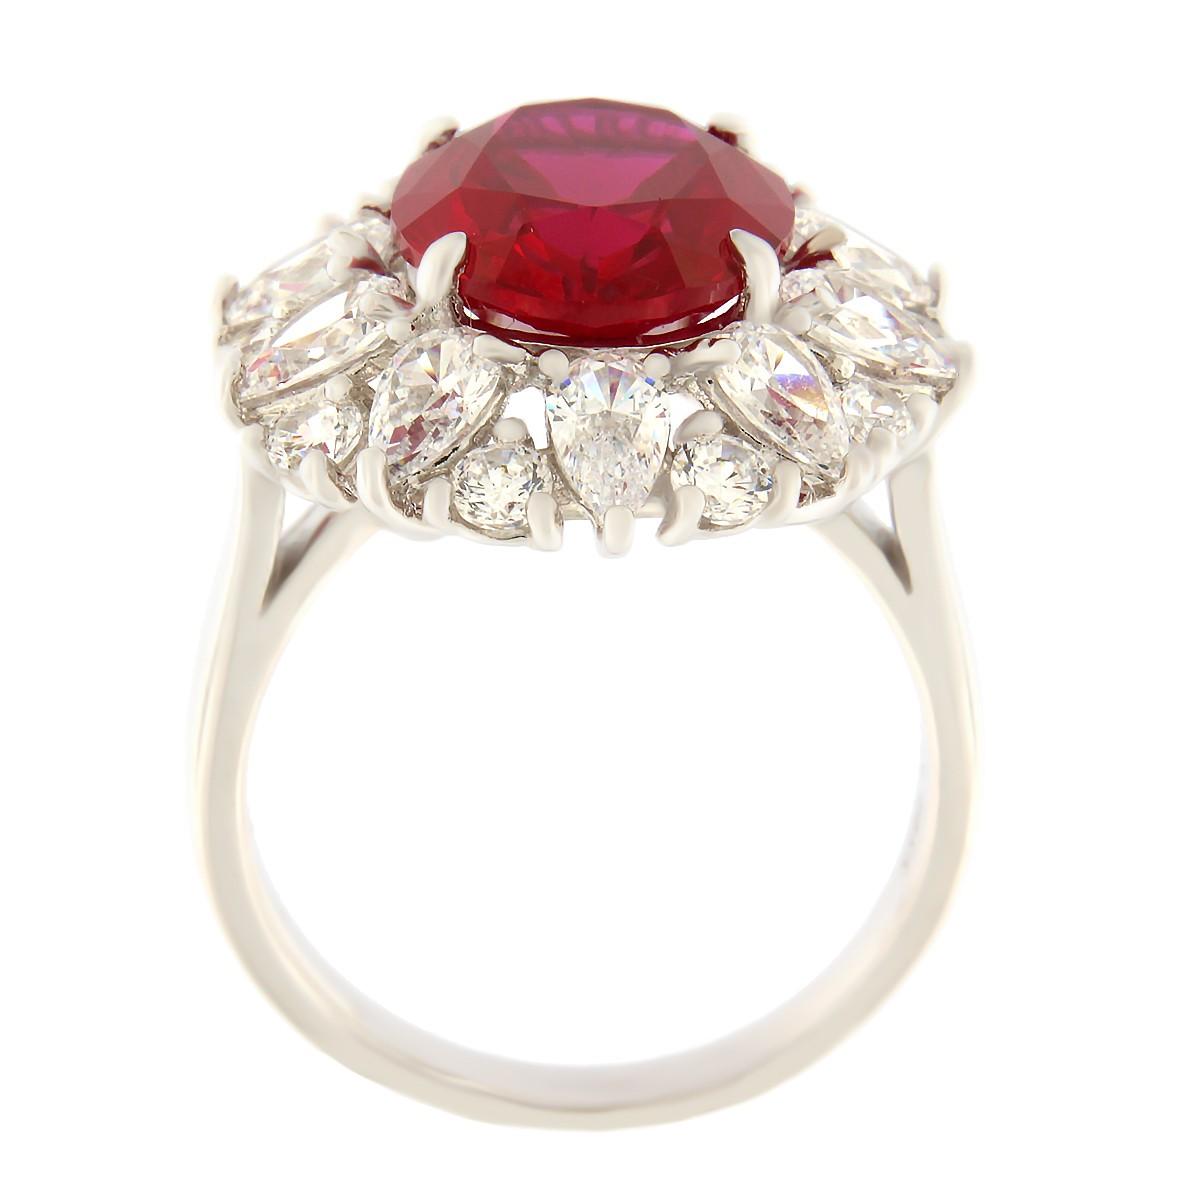 Hõbedast sõrmus Gioialite kividega Kood: AN5398-RO-DR küljelt